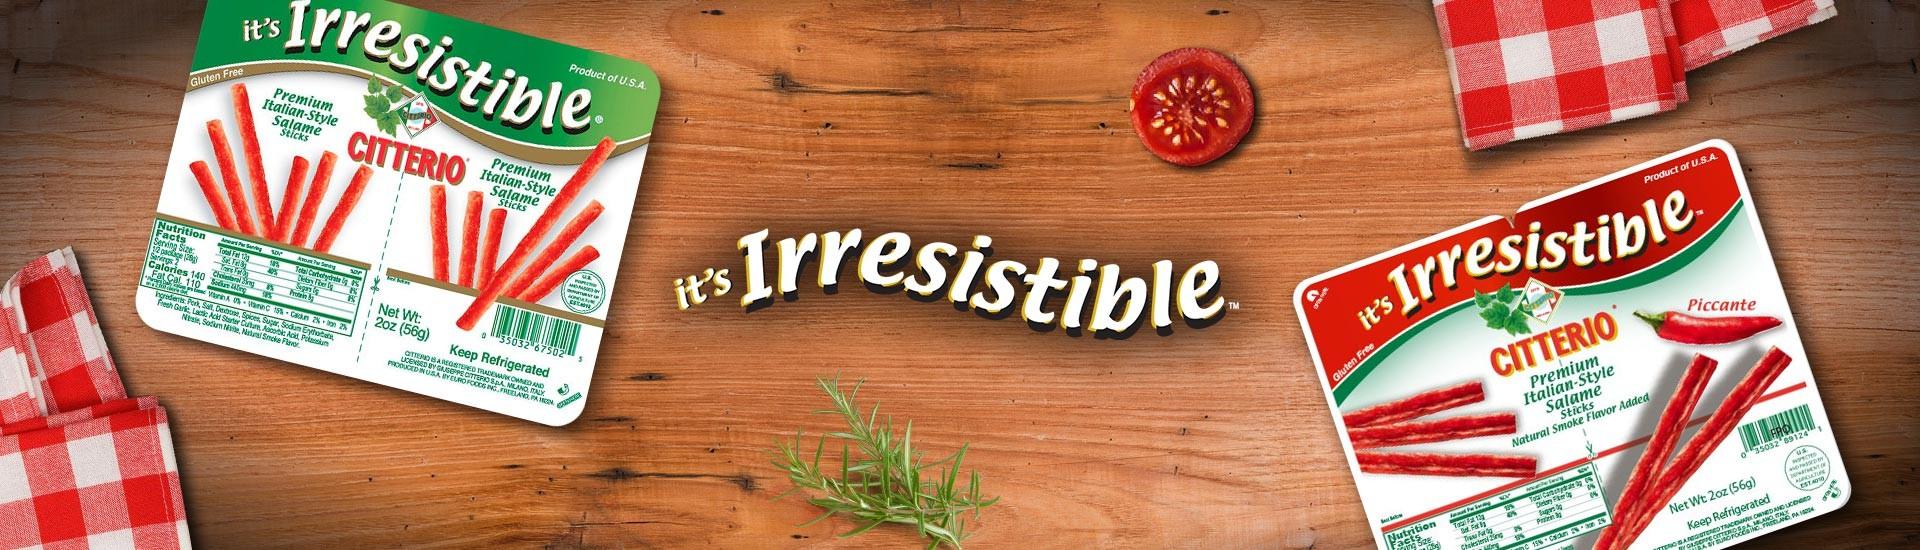 irresistibile